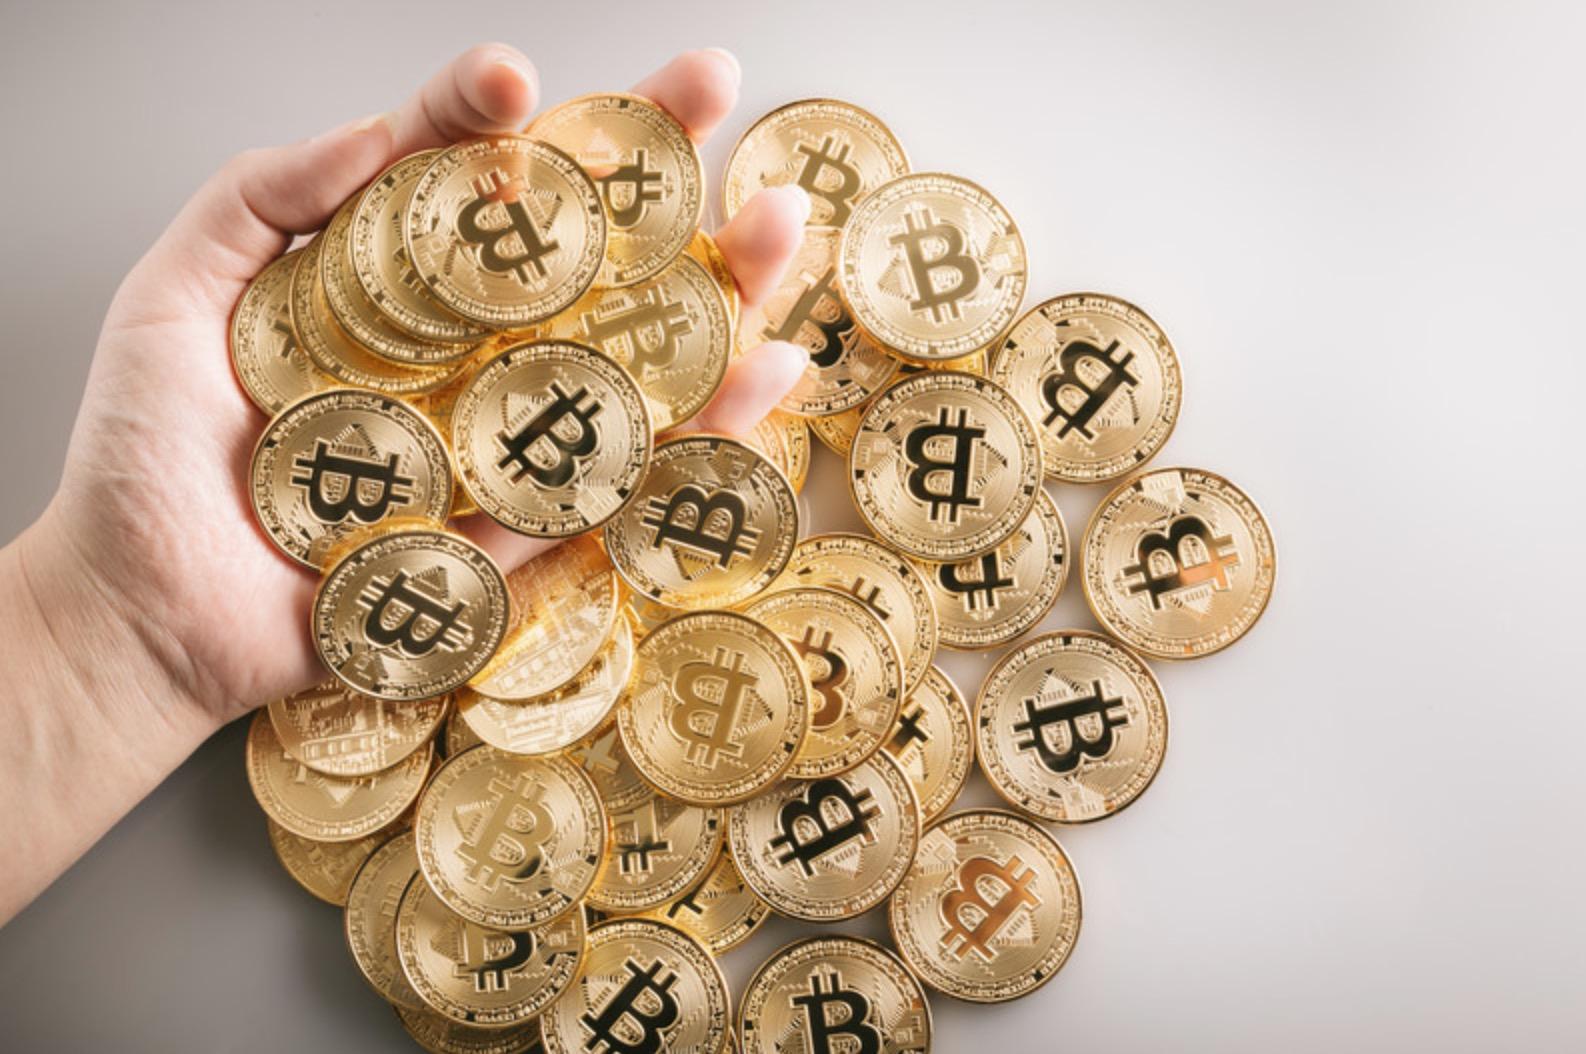 ビットコイン先物とは? 概要・メリット・現物価格との関係性を解説